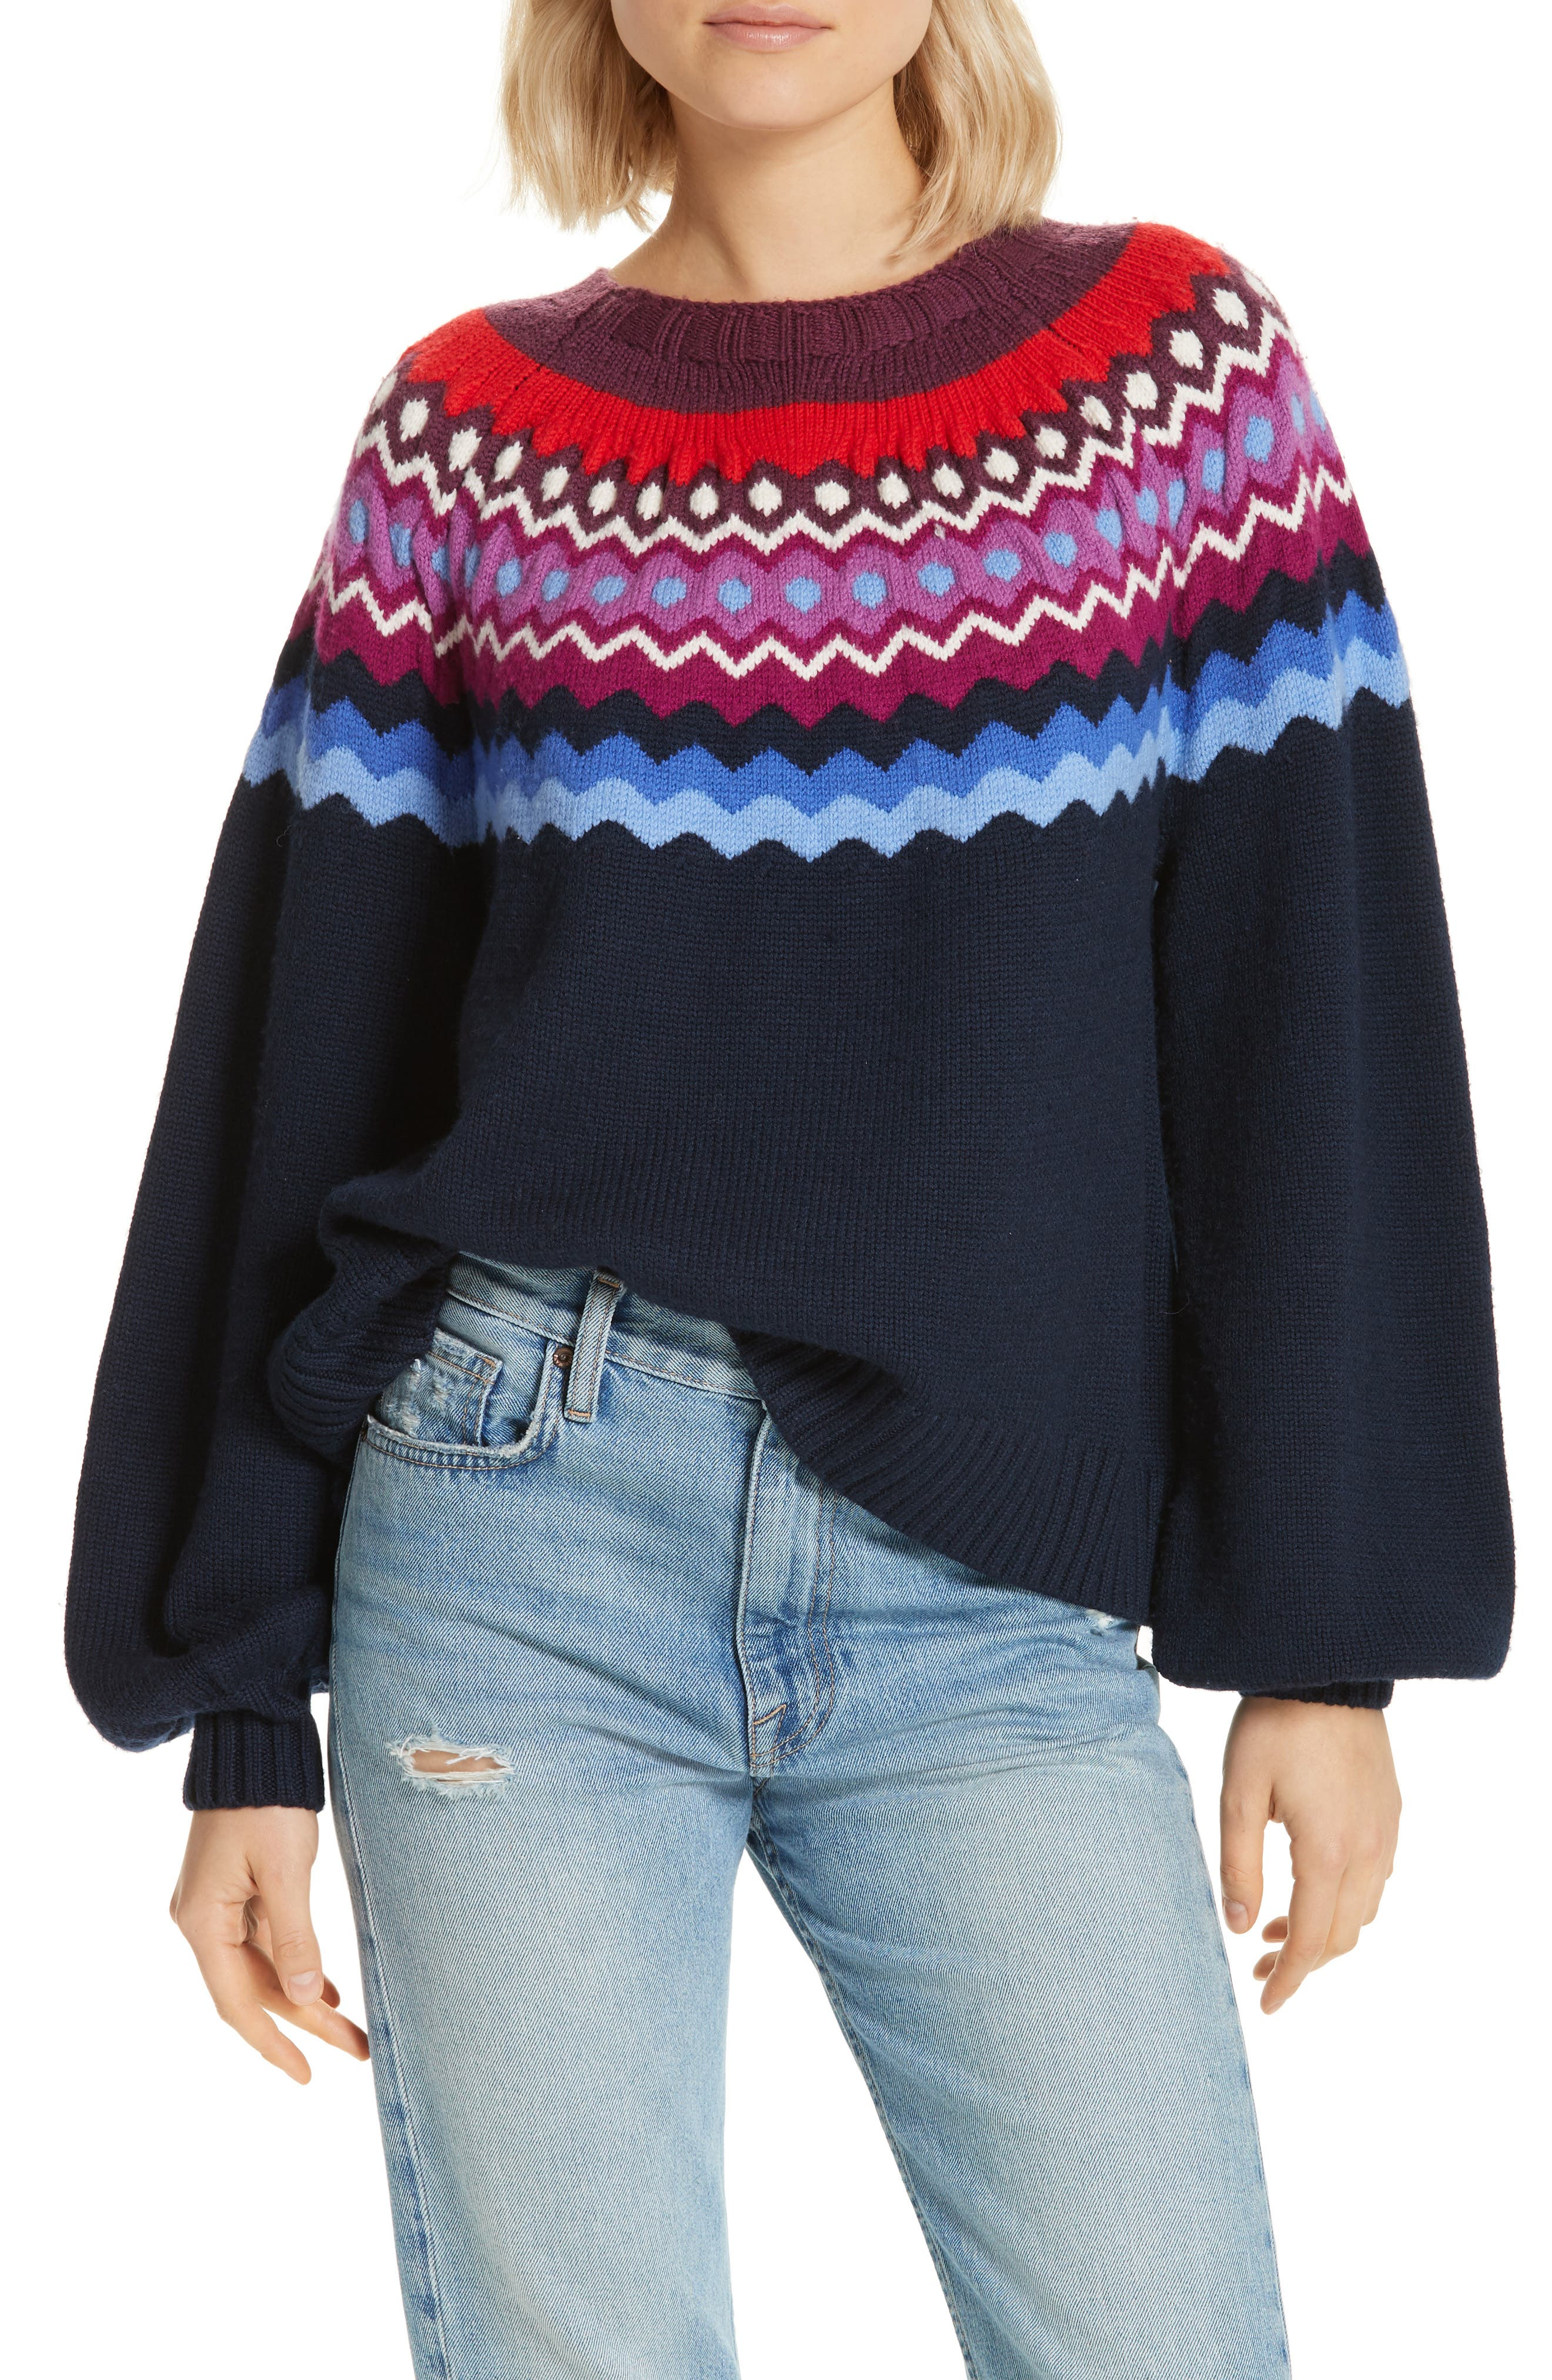 JOIE Karenya Sweater, Main, color, 410